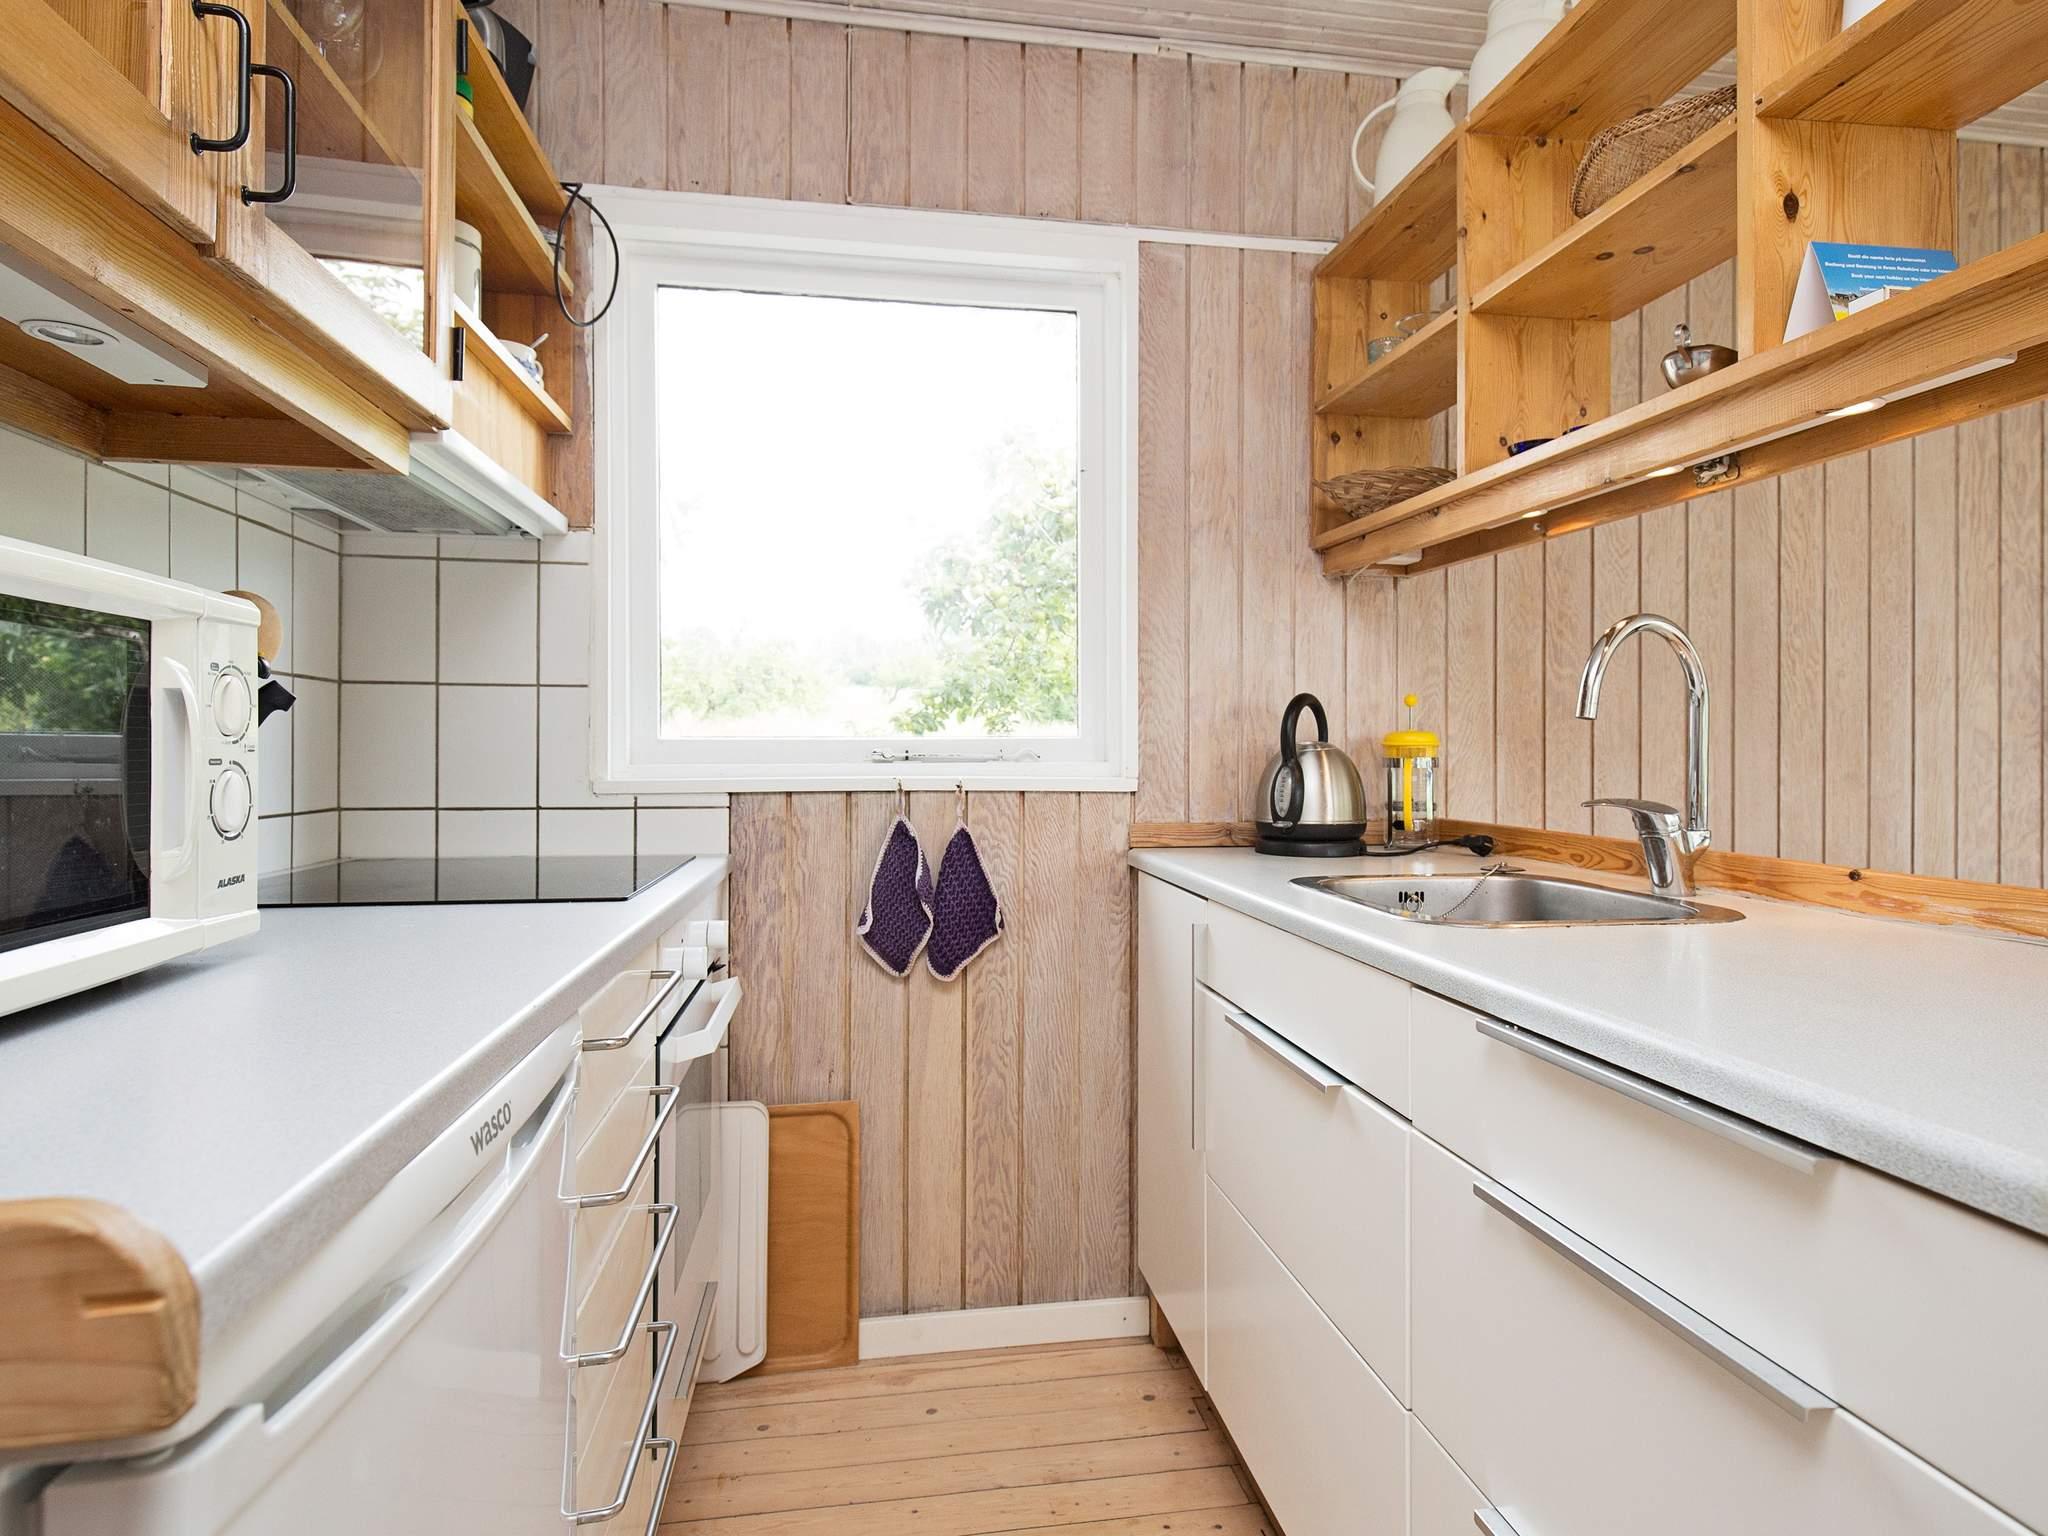 Ferienhaus Bakkebølle Strand (81867), Bakkebølle Strand, , Südseeland, Dänemark, Bild 3